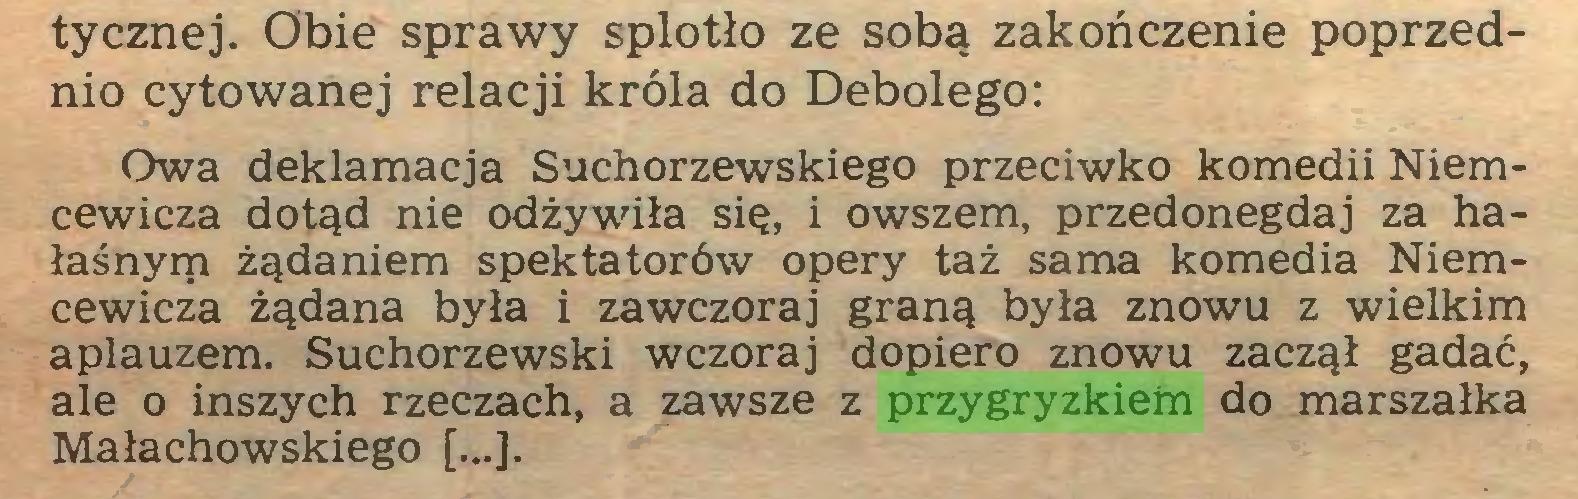 (...) tycznej. Obie sprawy splotło ze sobą zakończenie poprzednio cytowanej relacji króla do Debolego: Owa deklamacja Suchorzewskiego przeciwko komedii Niemcewicza dotąd nie odżywiła się, i owszem, przedonegdaj za hałaśnym żądaniem spektatorów opery taż sama komedia Niemcewicza żądana była i zawczoraj graną była znowu z wielkim aplauzem. Suchorzewski wczoraj dopiero znowu zaczął gadać, ale o inszych rzeczach, a zawsze z przygryzkiem do marszałka Małachowskiego [...]...